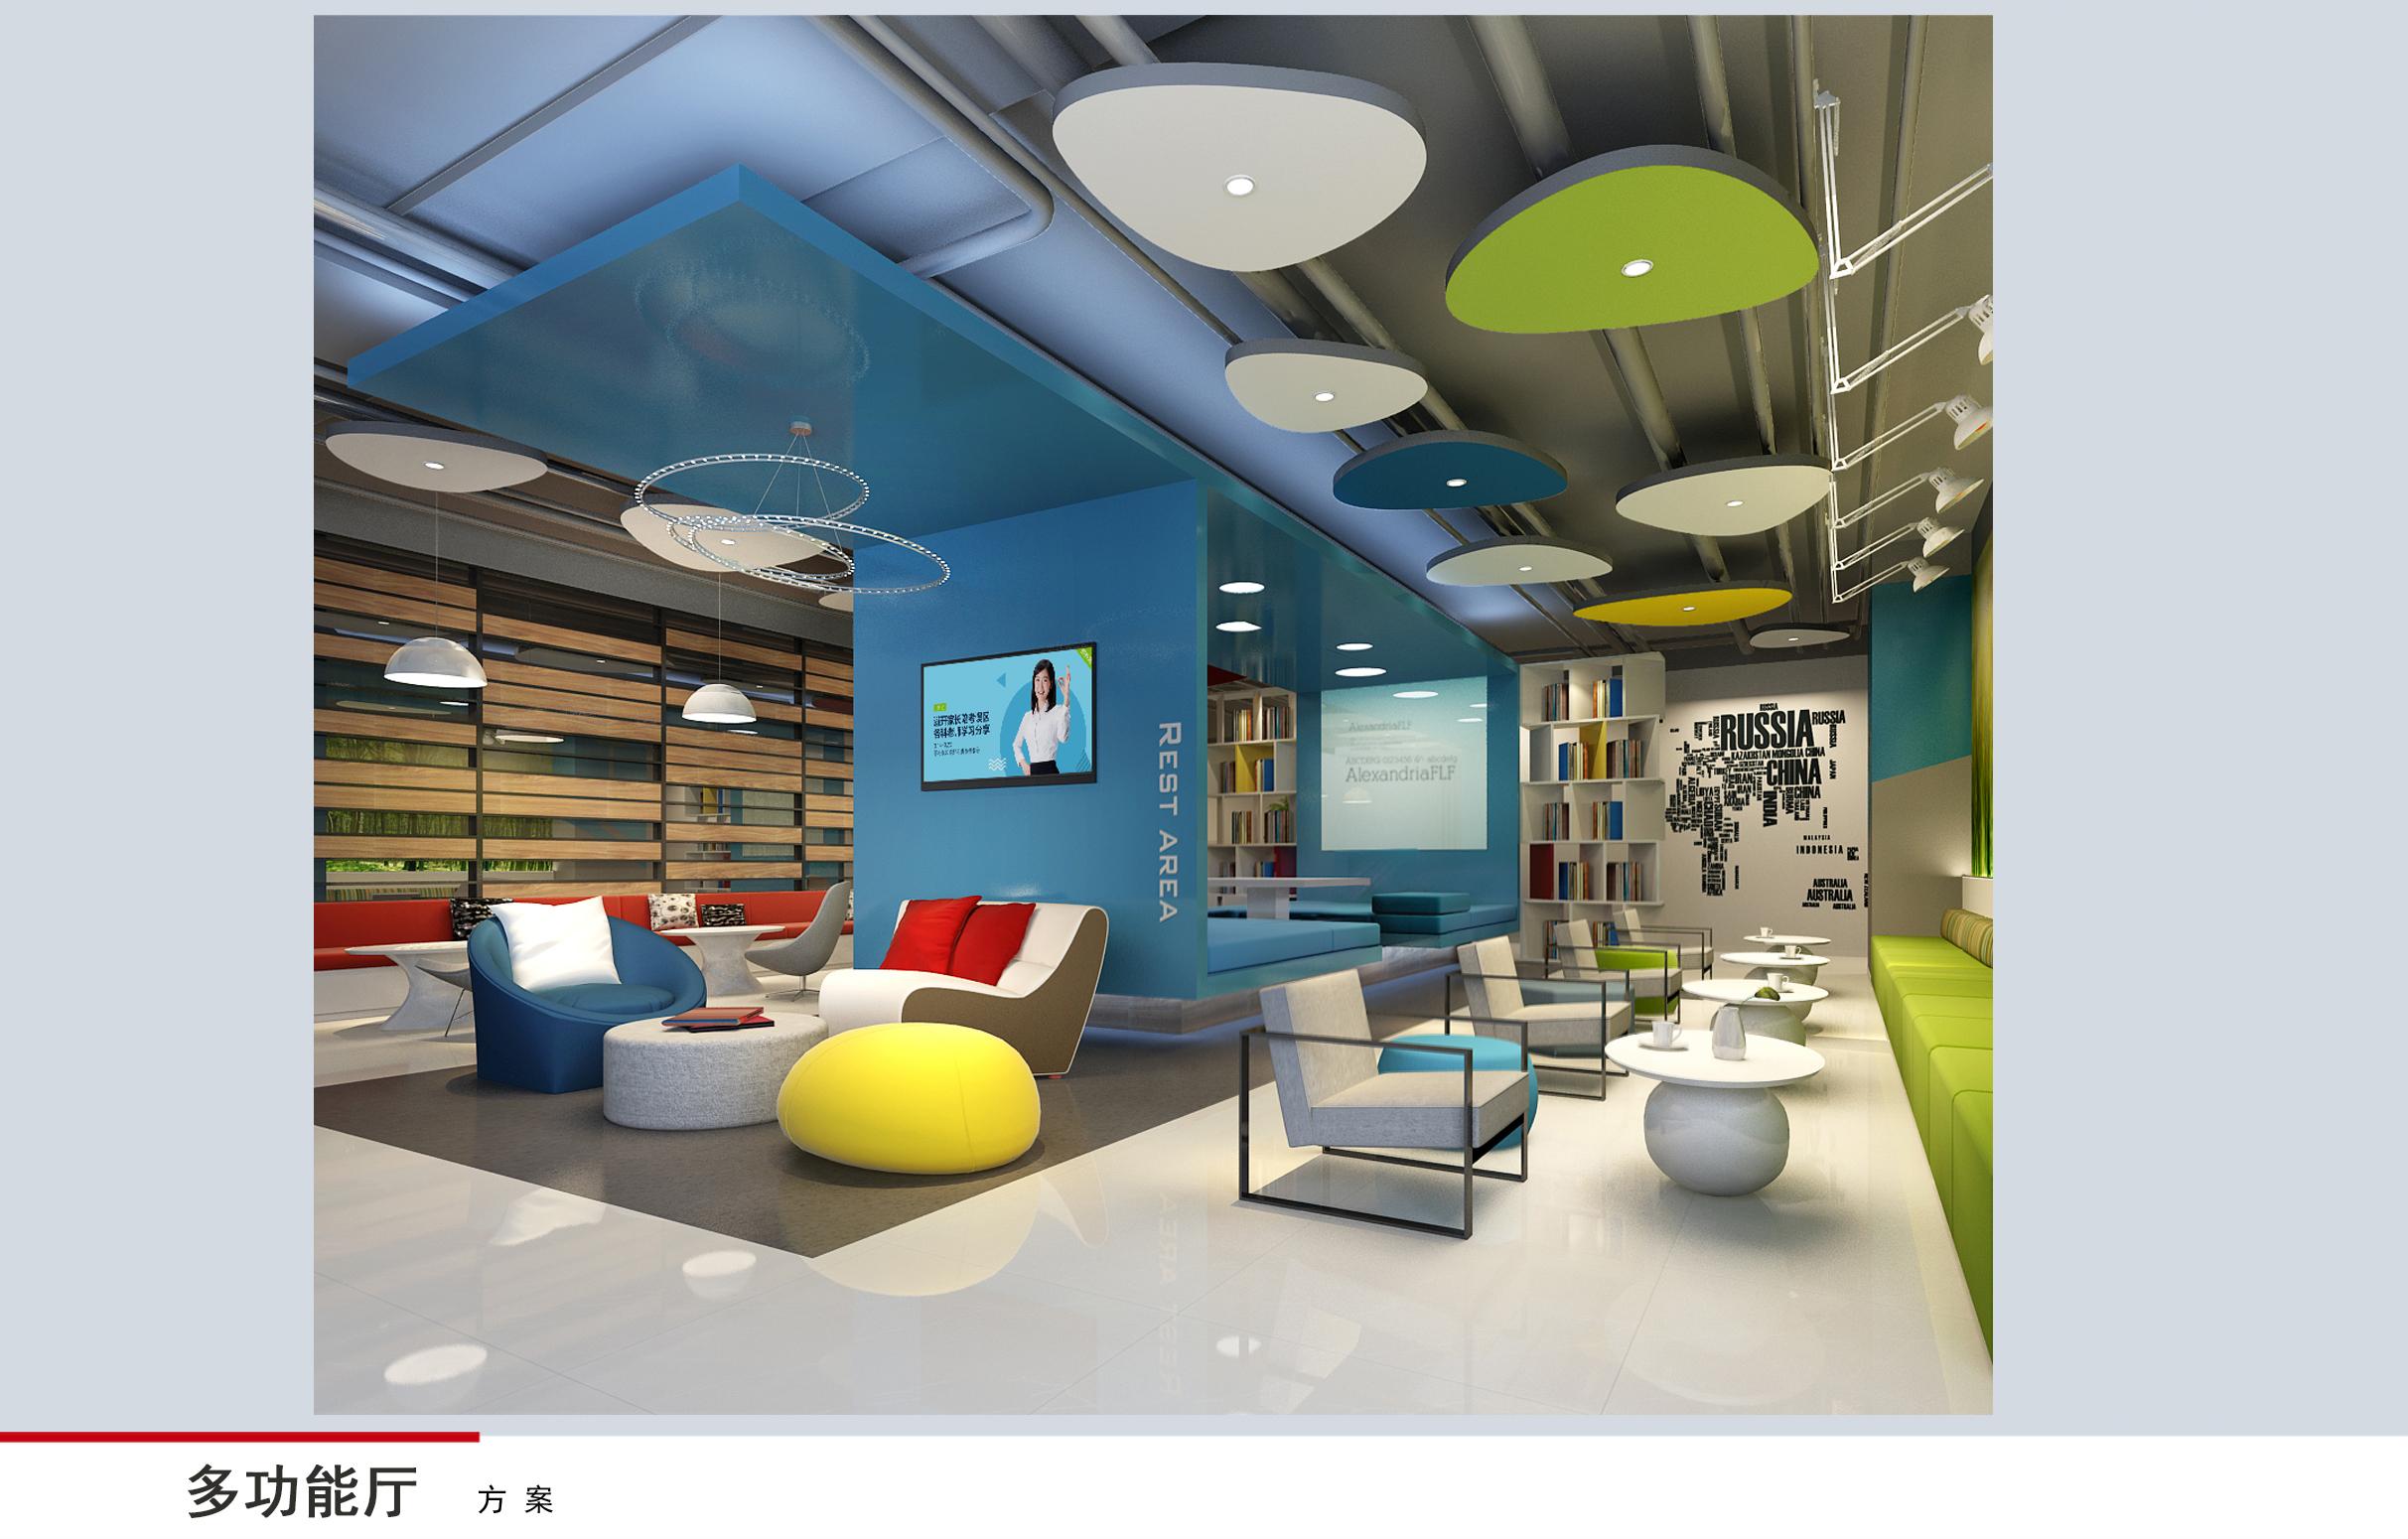 幼儿园设计案例分析,室内灯光的作用出字设计图片